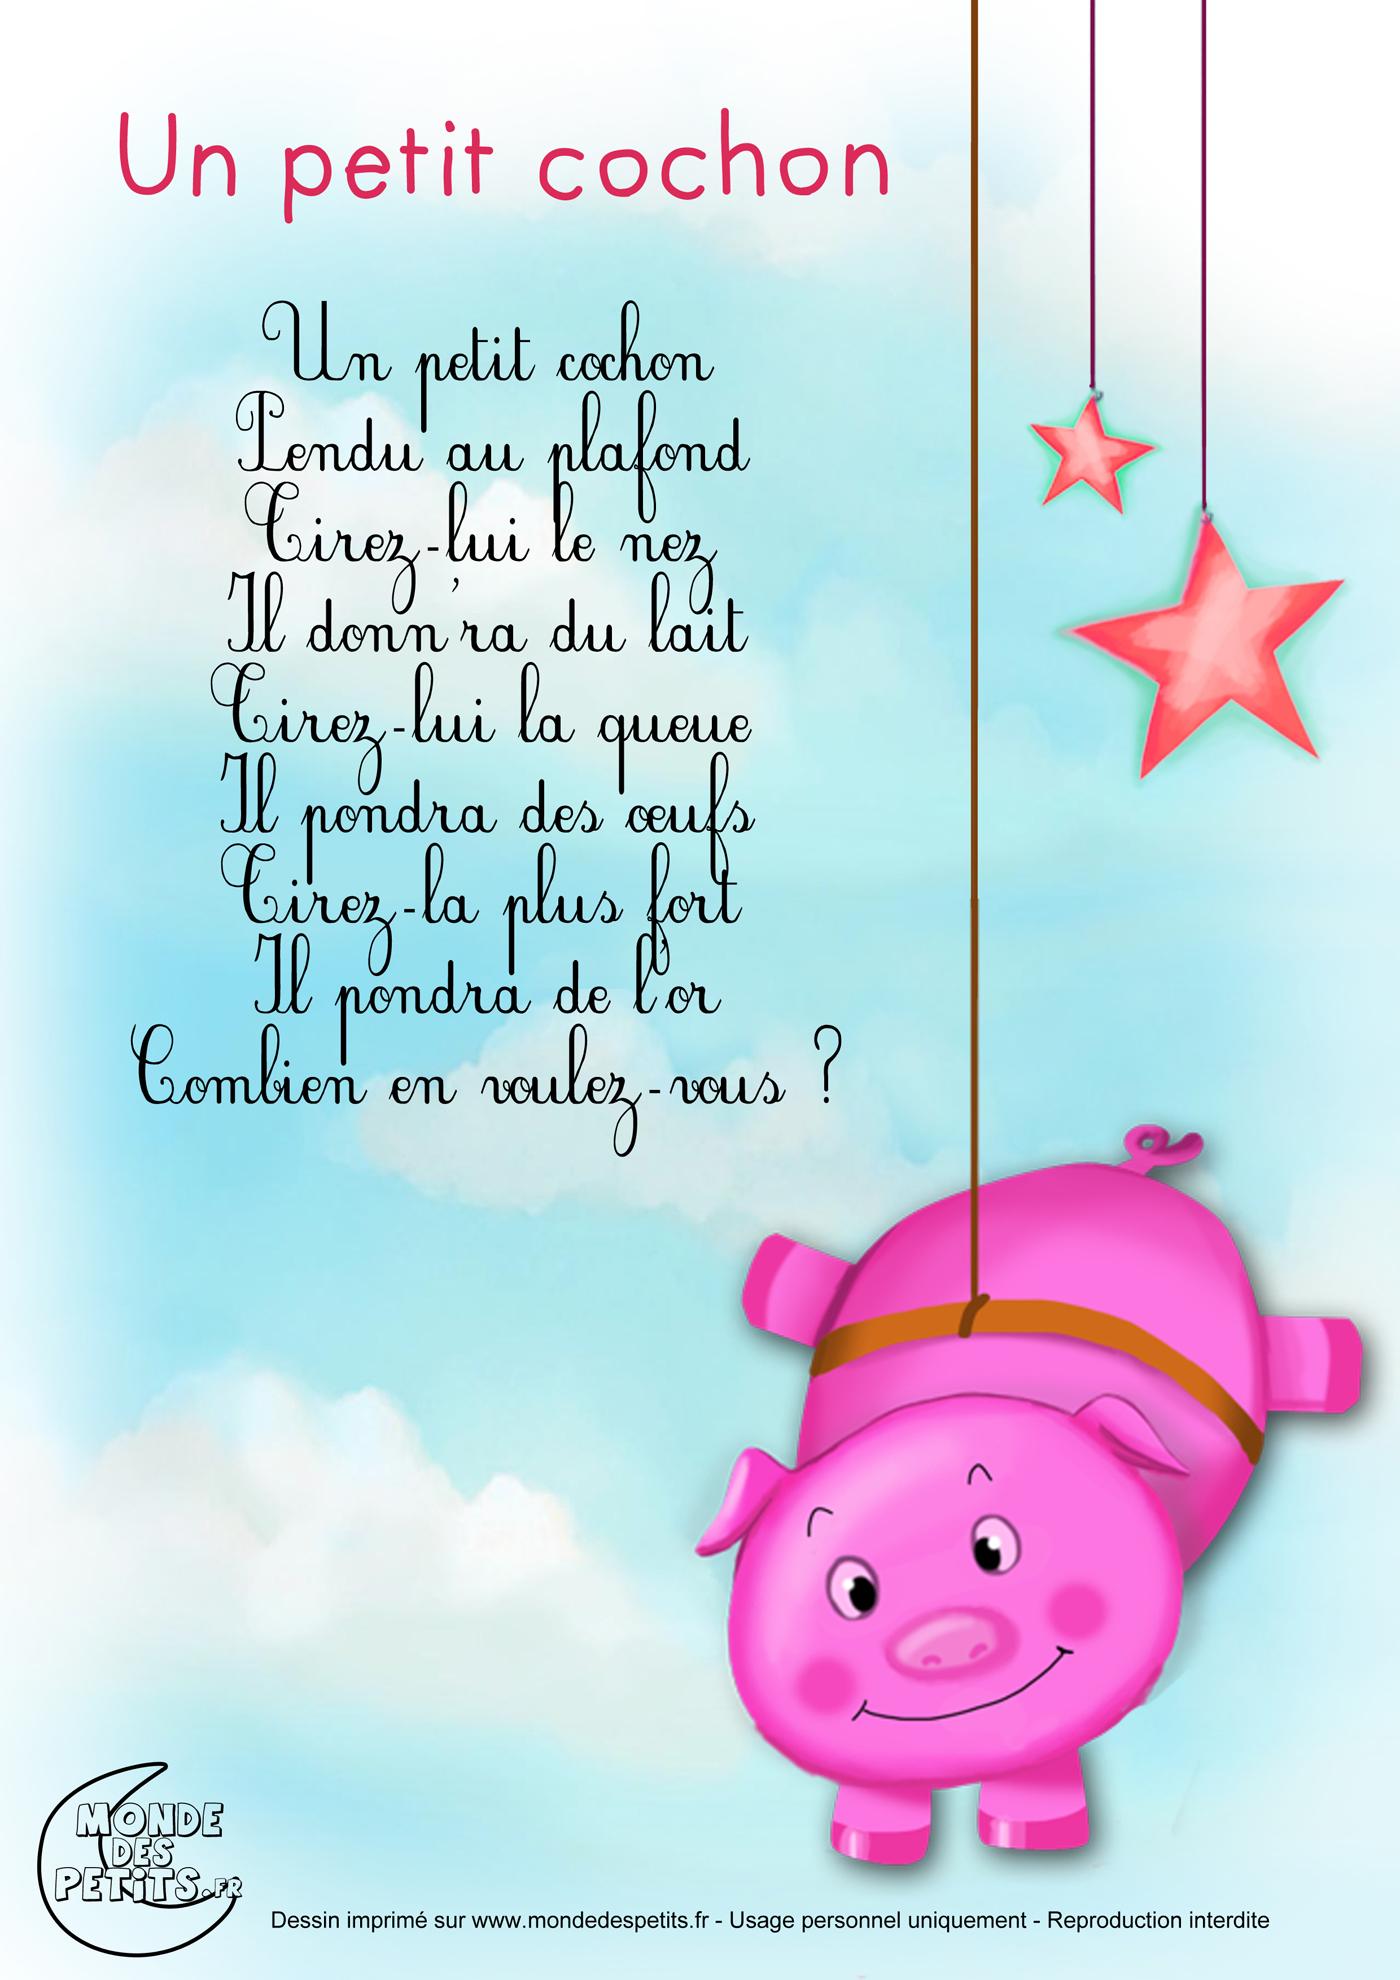 Monde des petits un petit cochon pendu au plafond - Un petit cochon pendu au plafond ...